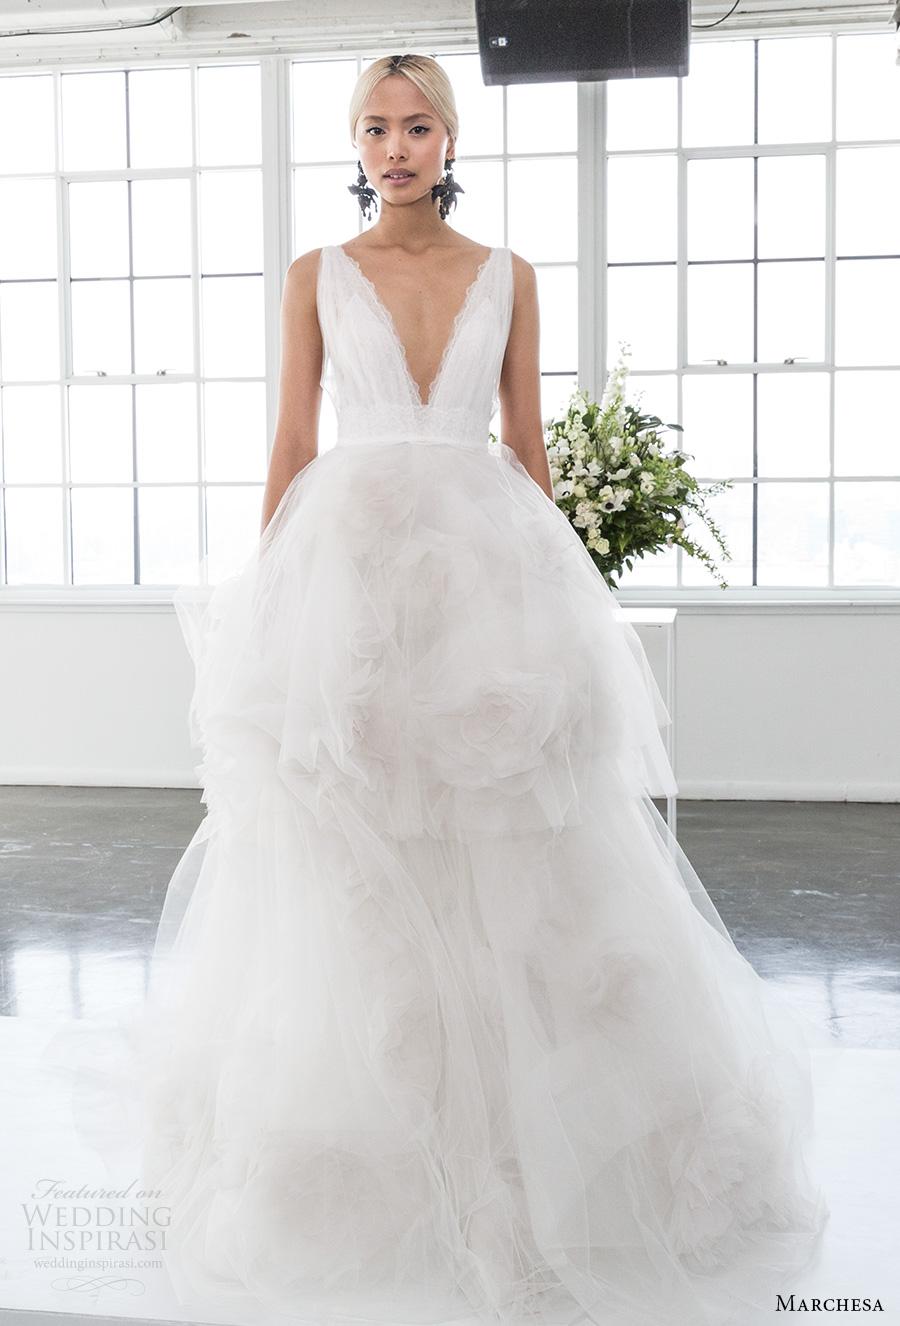 marchesa spring 2018 bridal sleeveless deep v neck lighly embellished bodice ruffled tulle skirt romantic ball gown wedding dress open v back chapel train (03) mv